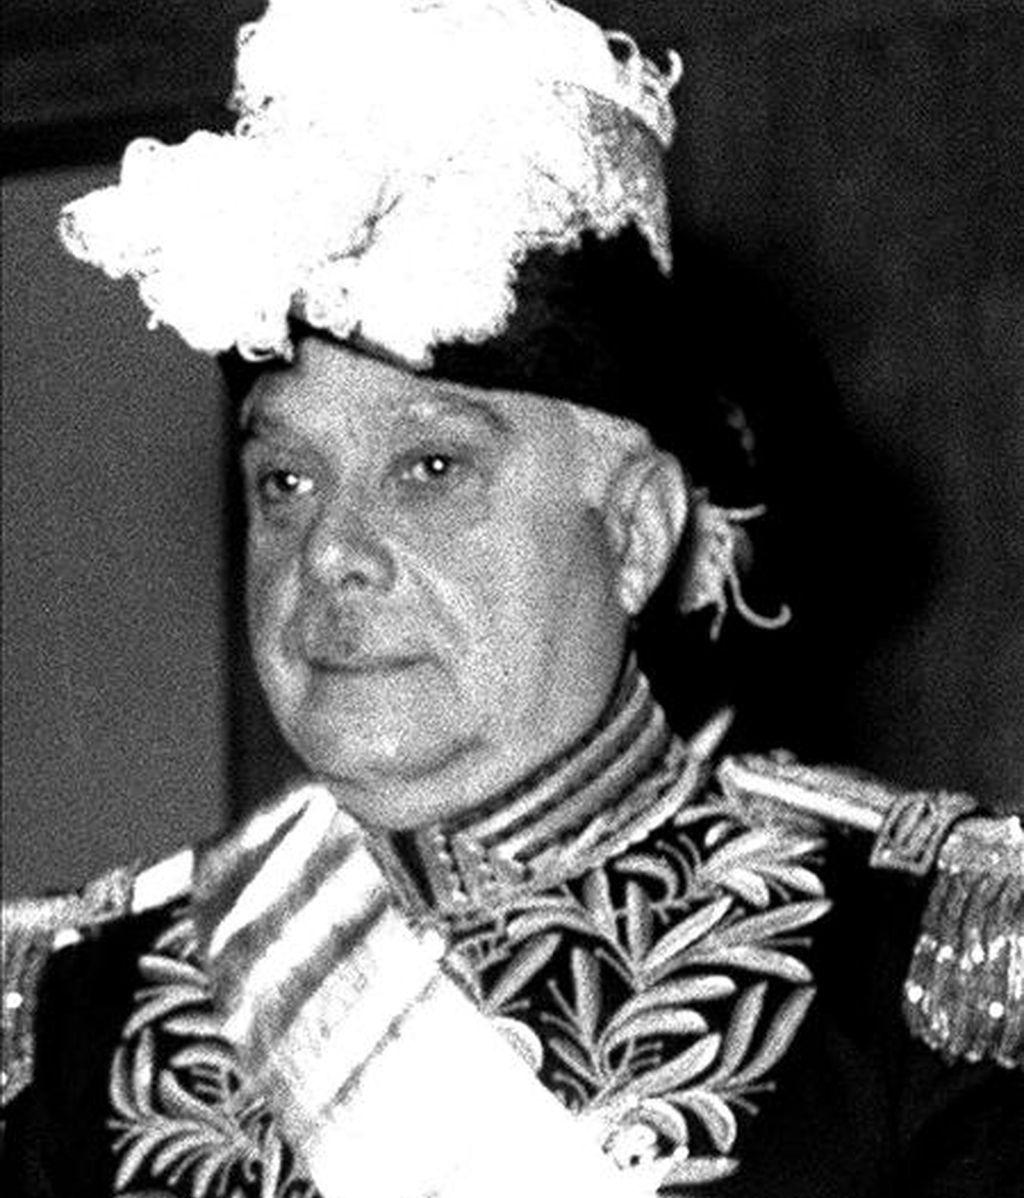 Fotografía de archivo del 3 de junio de 1954 del presidente de la República Dominicana, Rafael Leónidas Trujillo a su llegada a Madrid.  EFE/Archivo